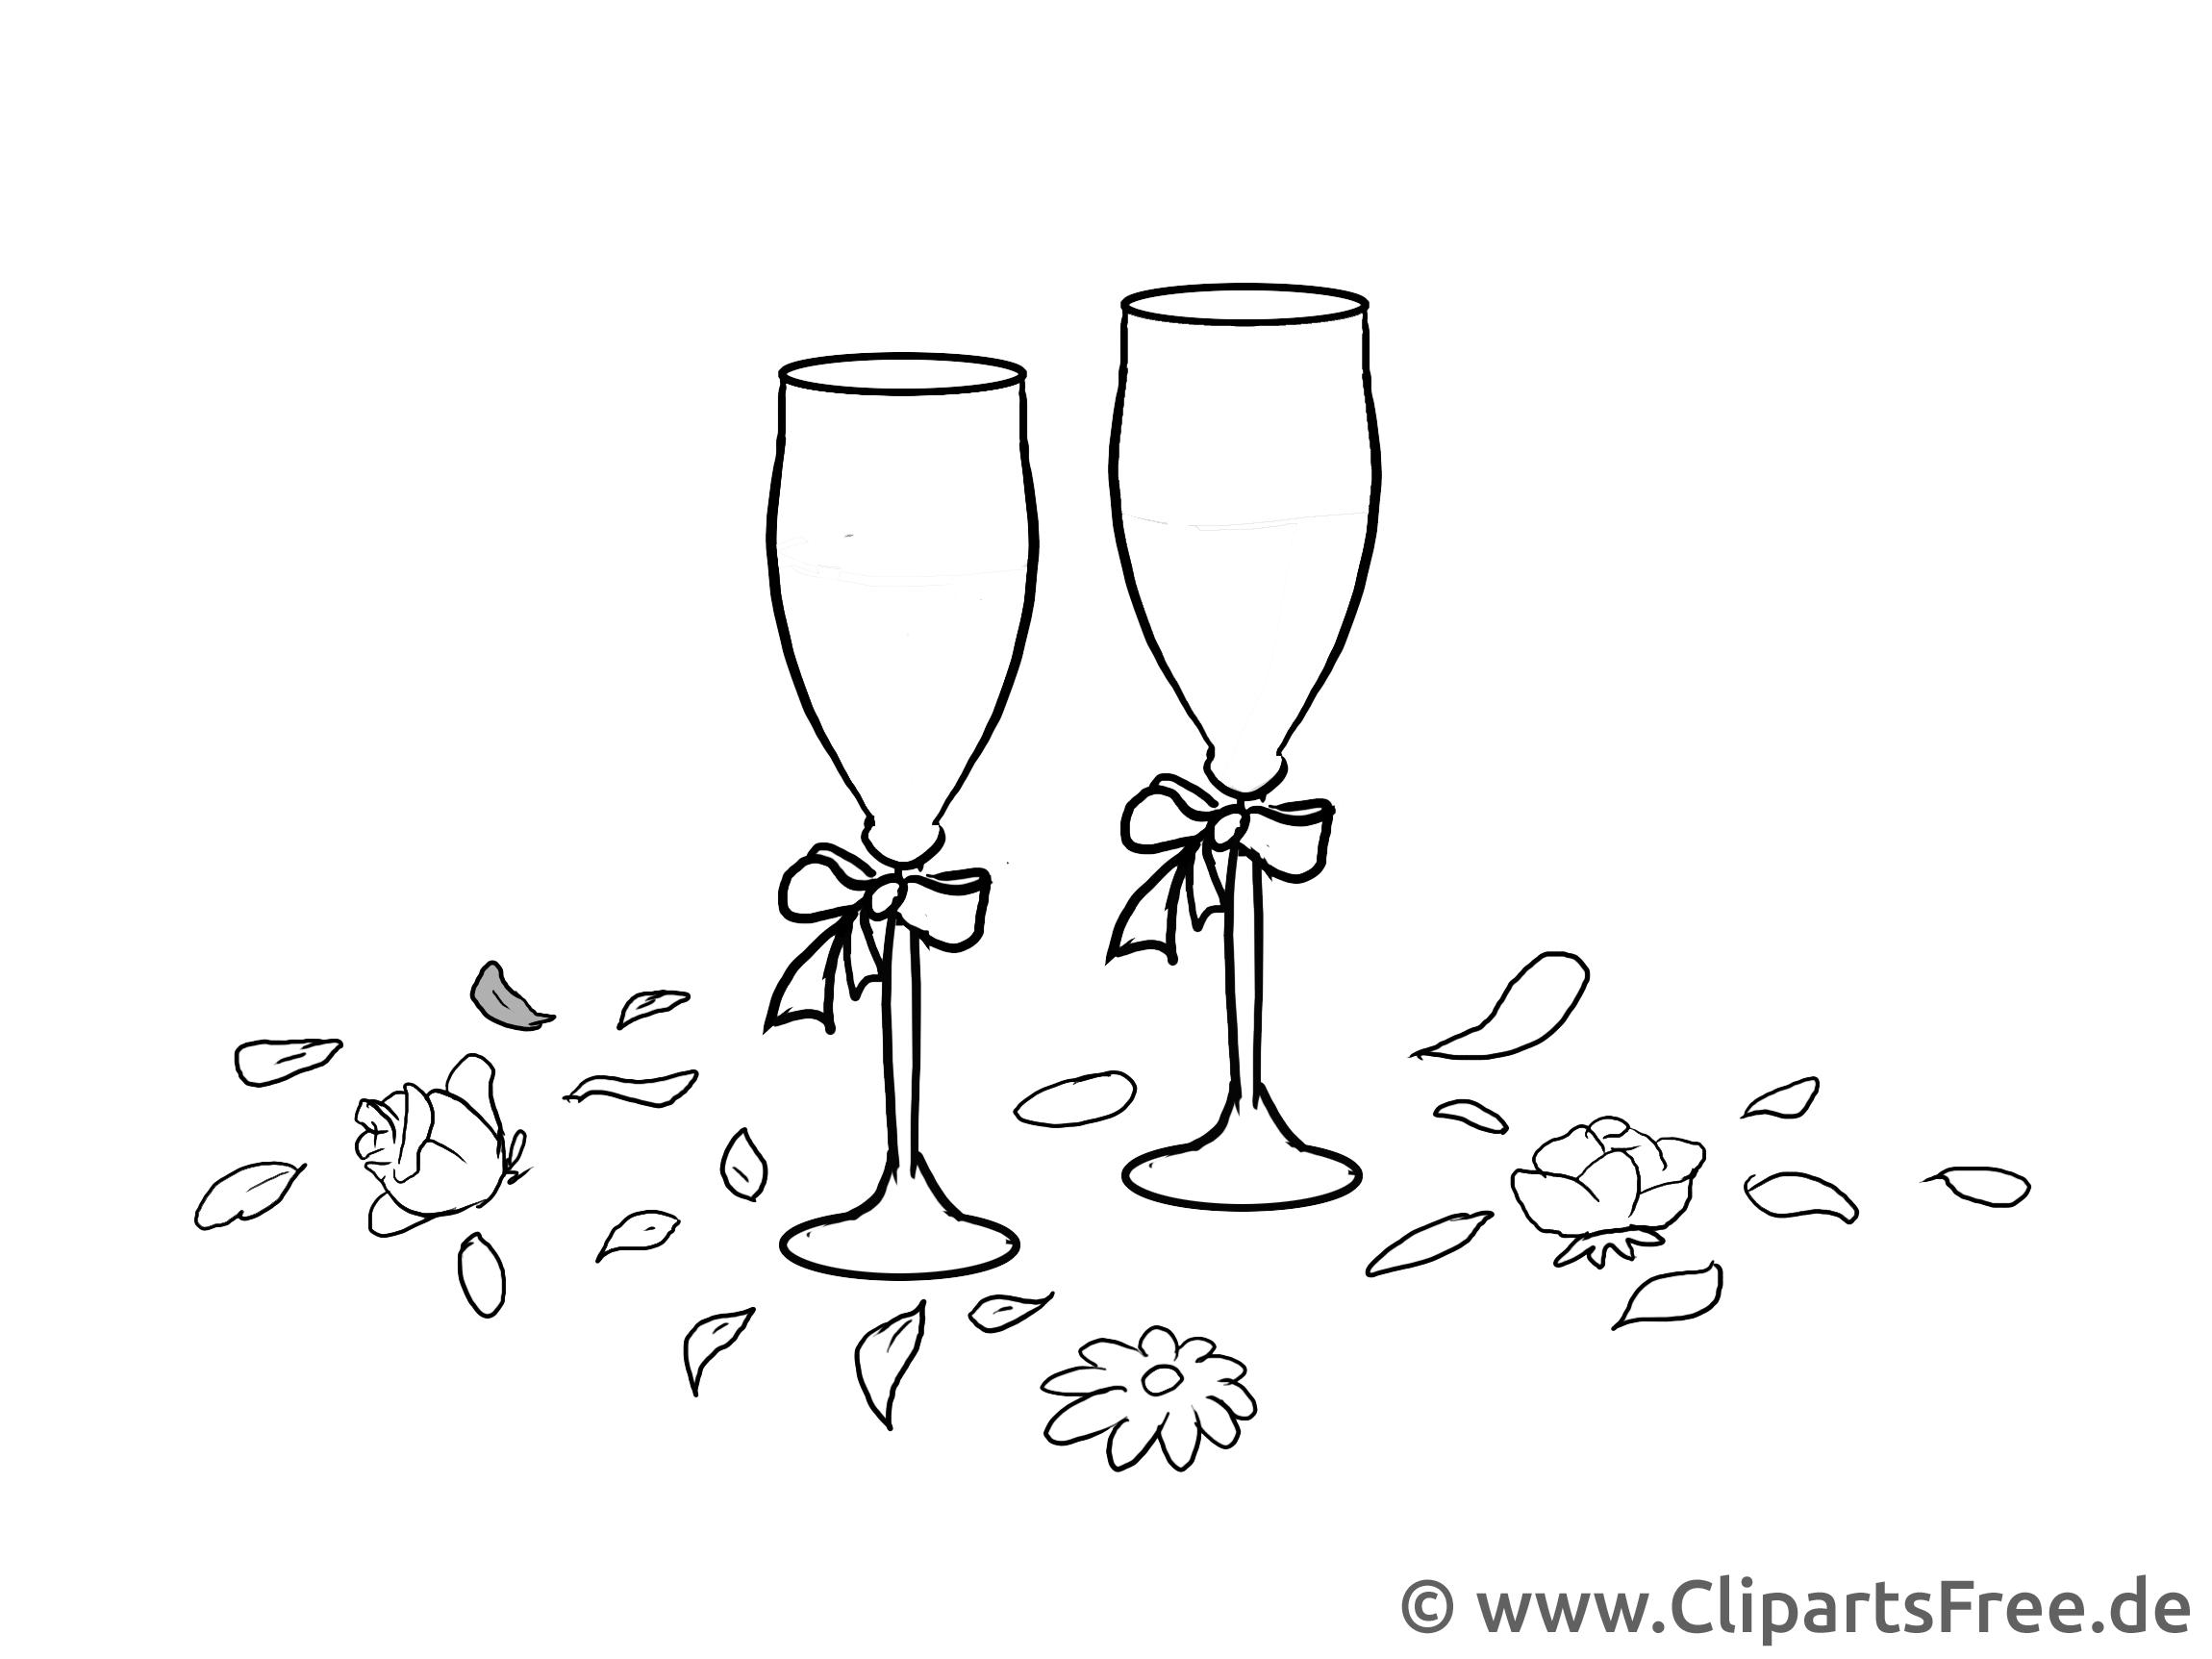 Champagnergläser Illustration, Clipart, Grafik schwarz-weiß